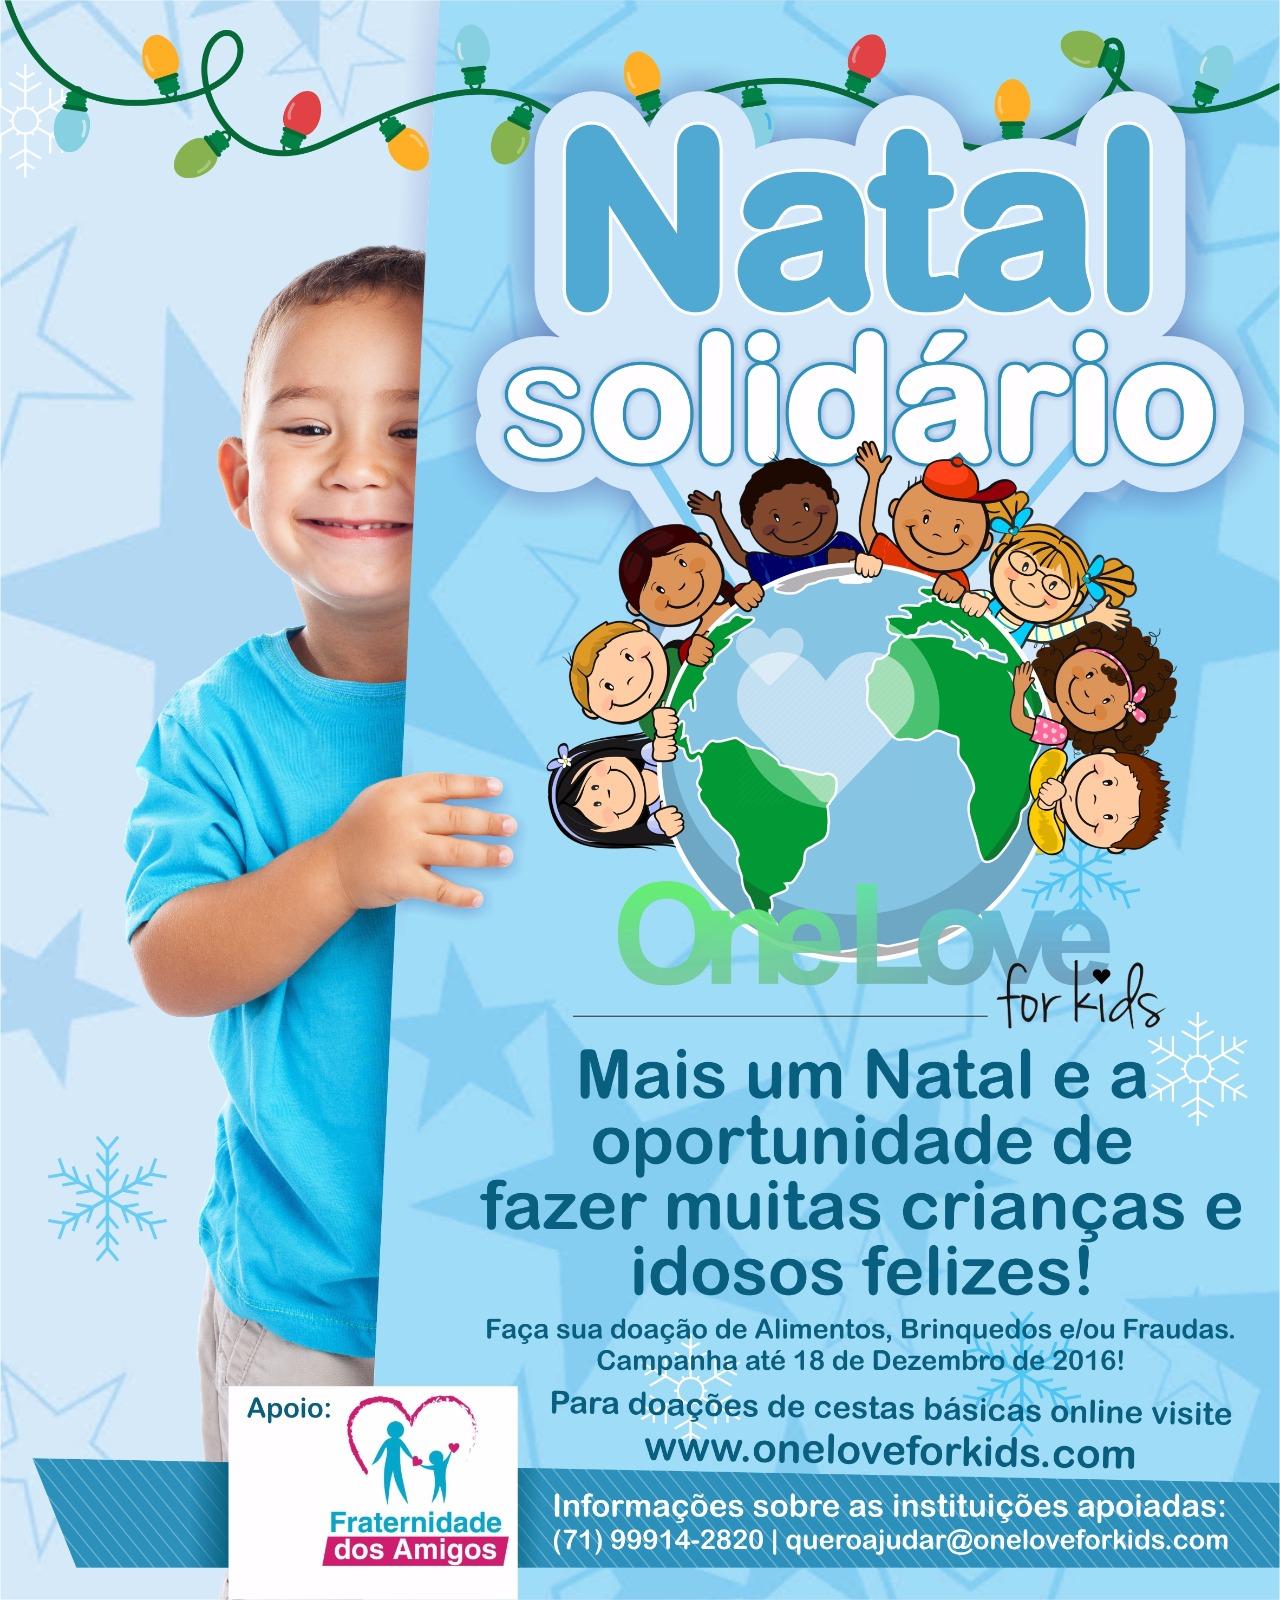 natal-solidario-2016